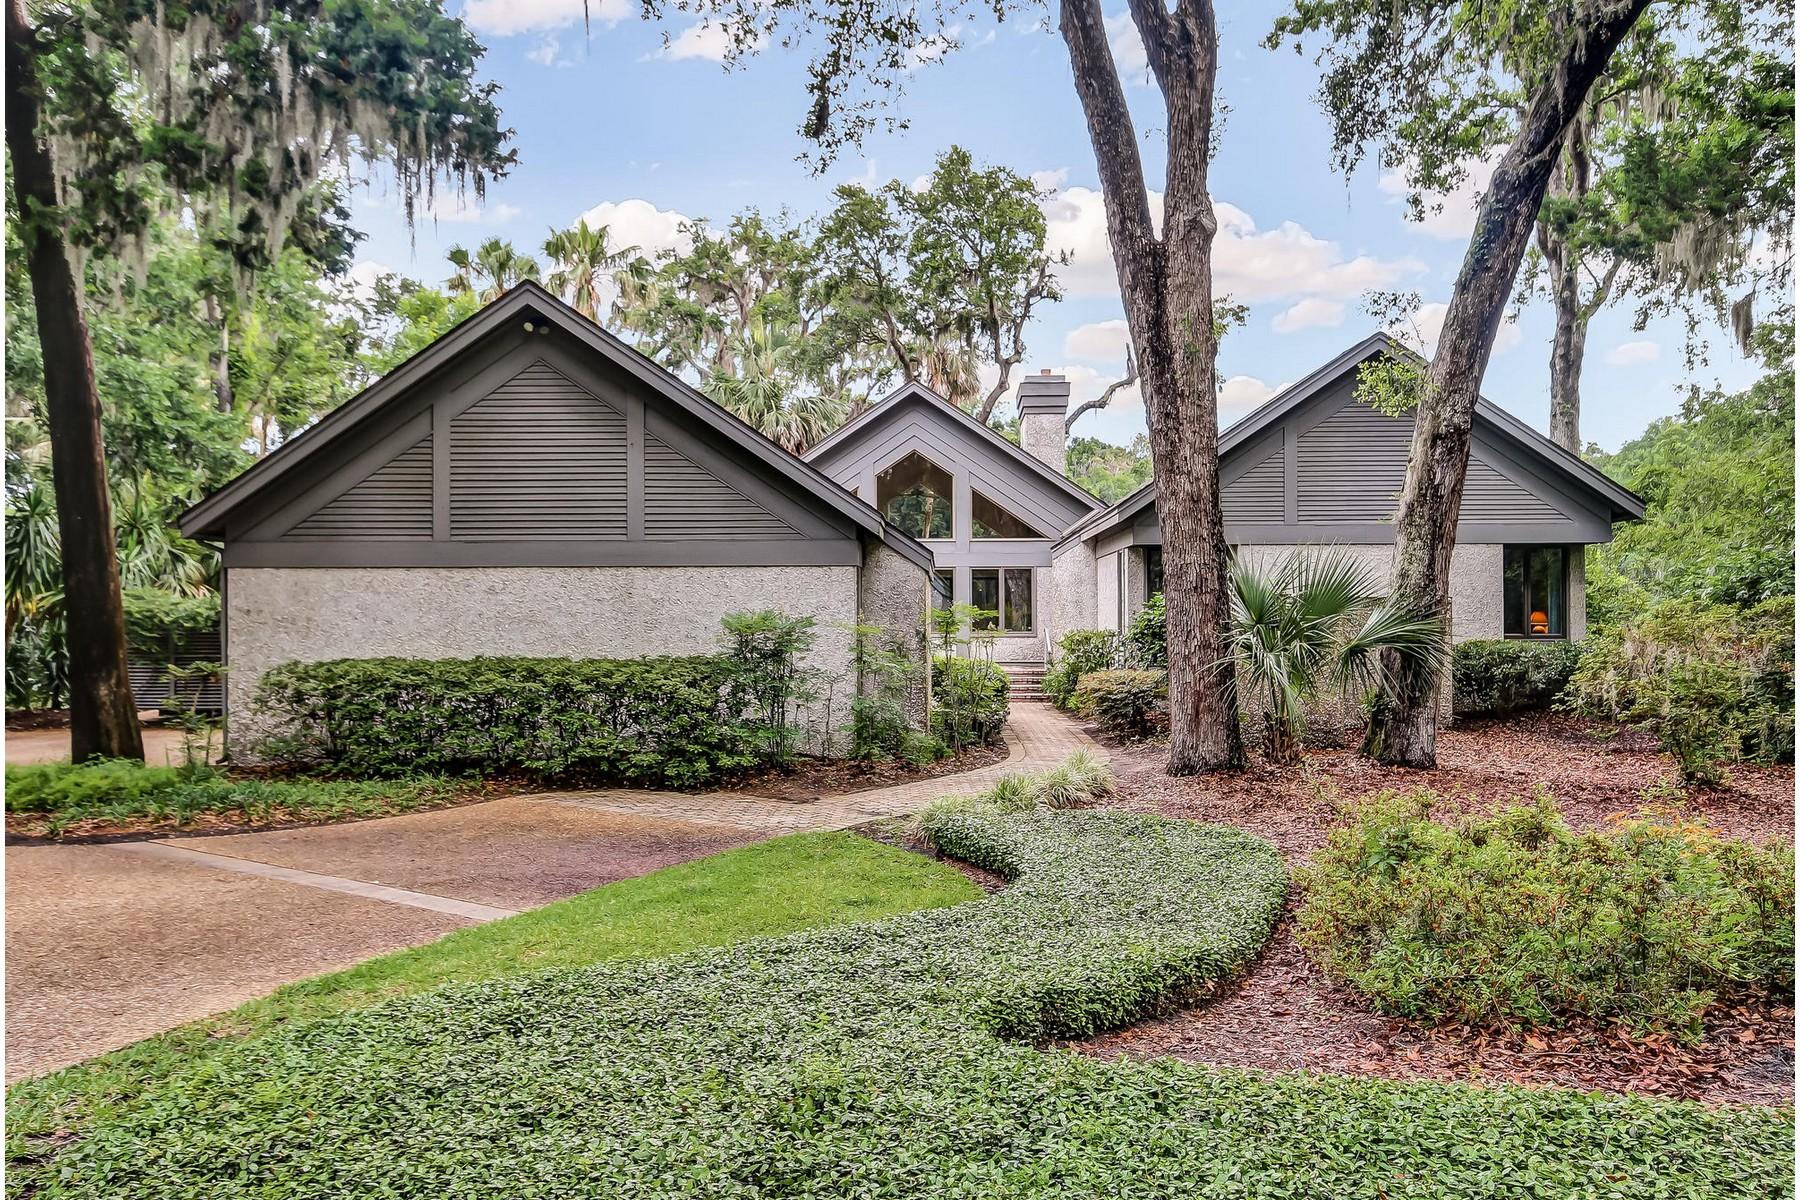 Частный односемейный дом для того Продажа на 9 Sea Marsh 9 Sea Marsh Road Amelia Island, Флорида 32034 Соединенные Штаты